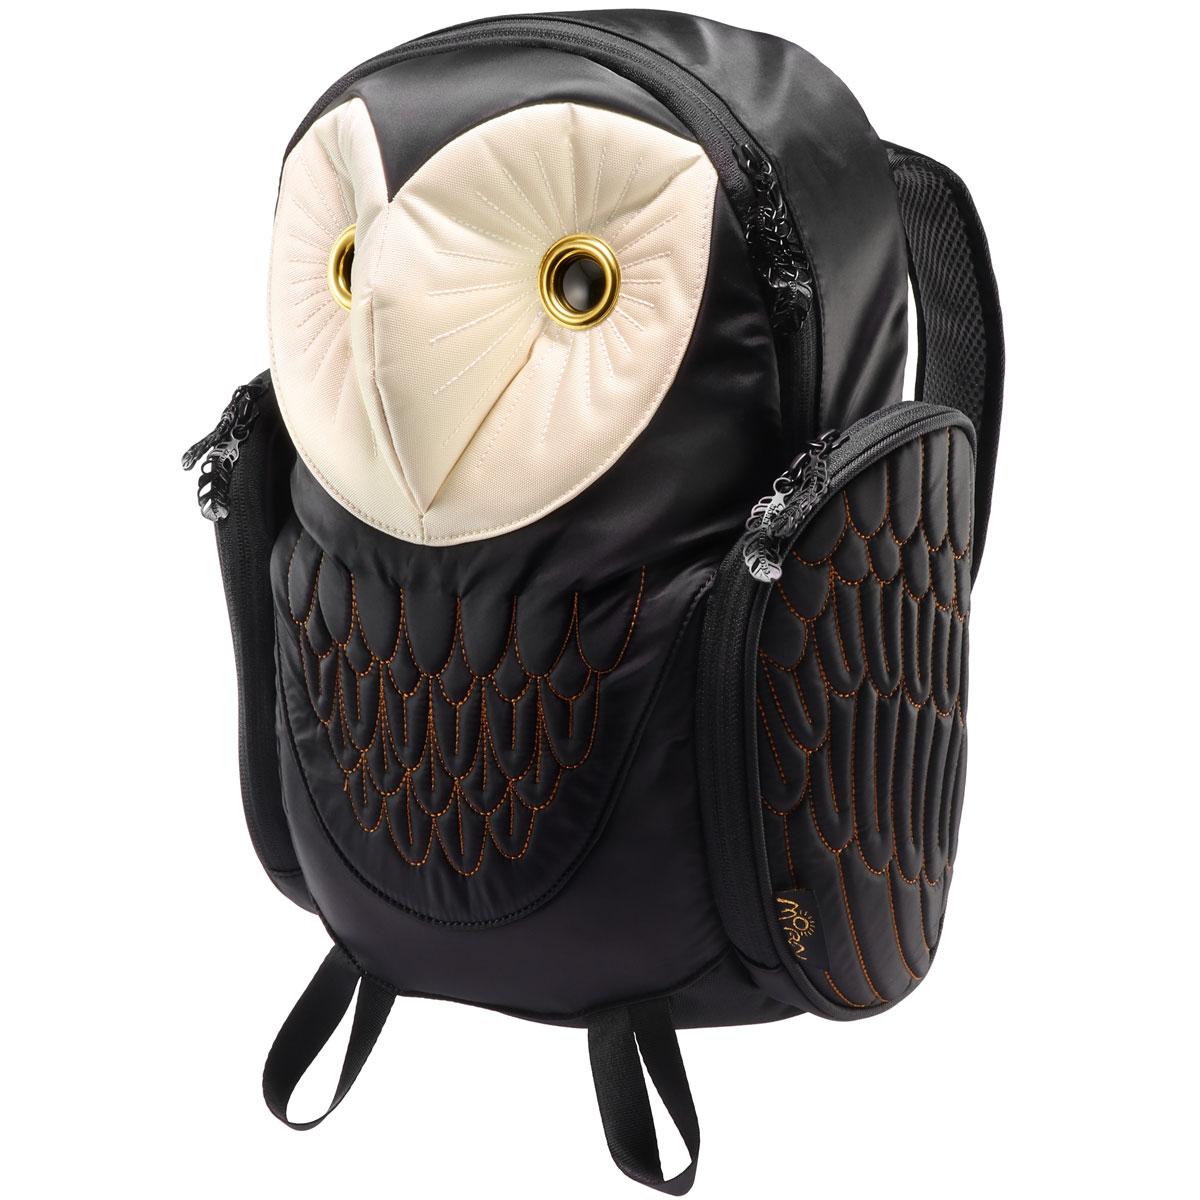 リュック MORN CREATIONS メンフクロウ バックパック Mサイズ 動物バッグ 女性用 小さめ レディース リュックサック モーンクリエイションズ フクロウ M ブラック